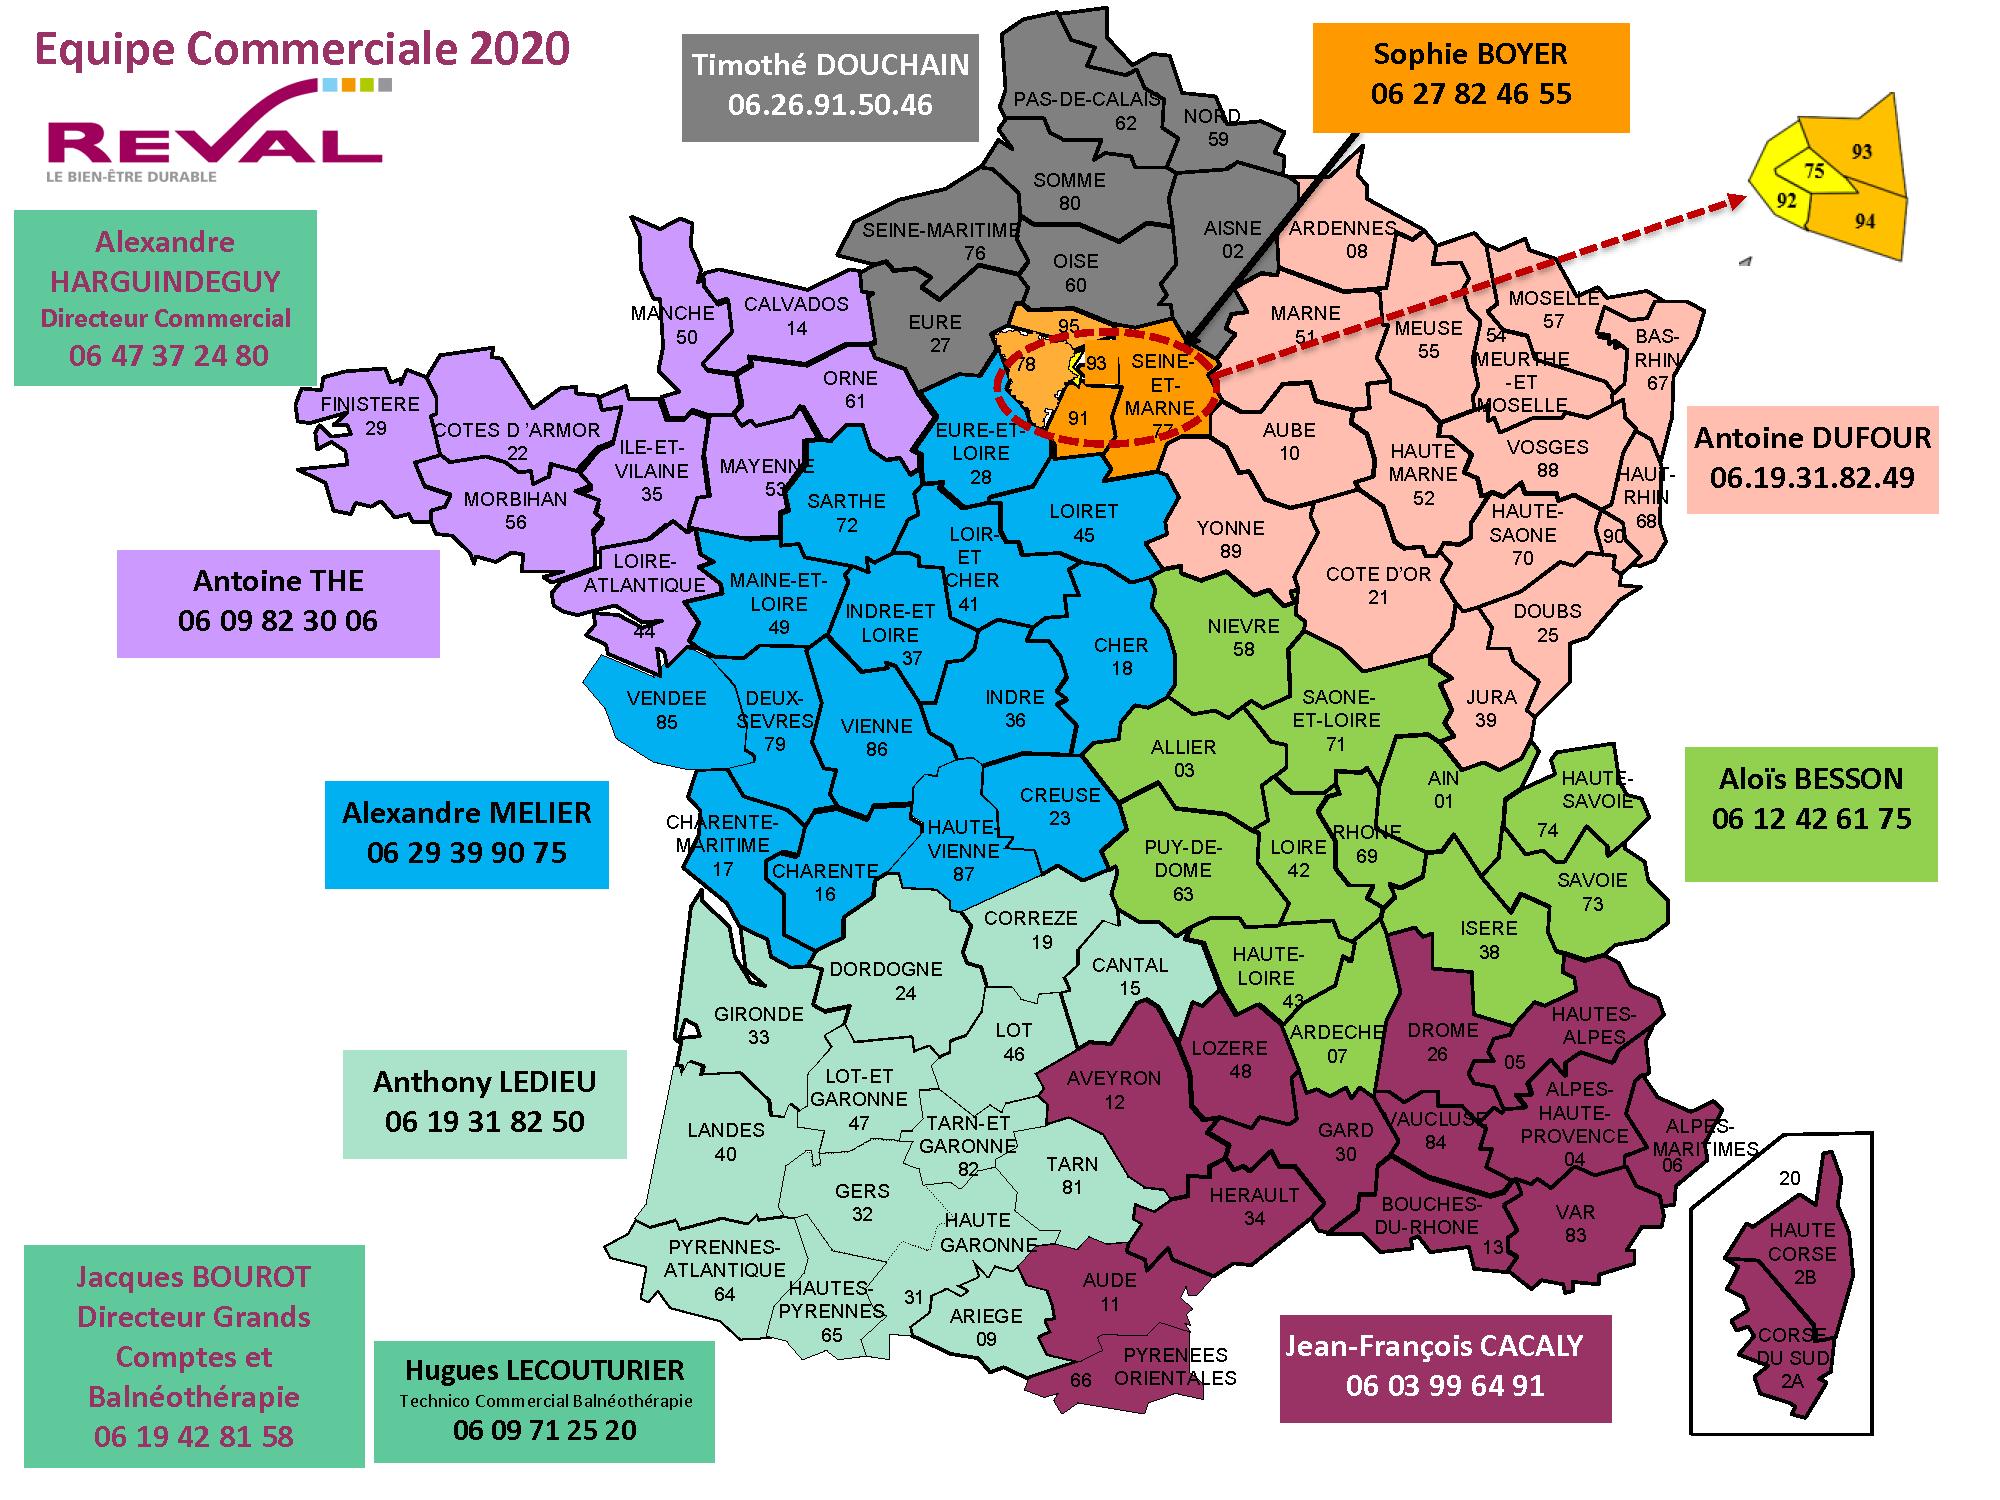 Carte des secteurs commerciaux France Reval